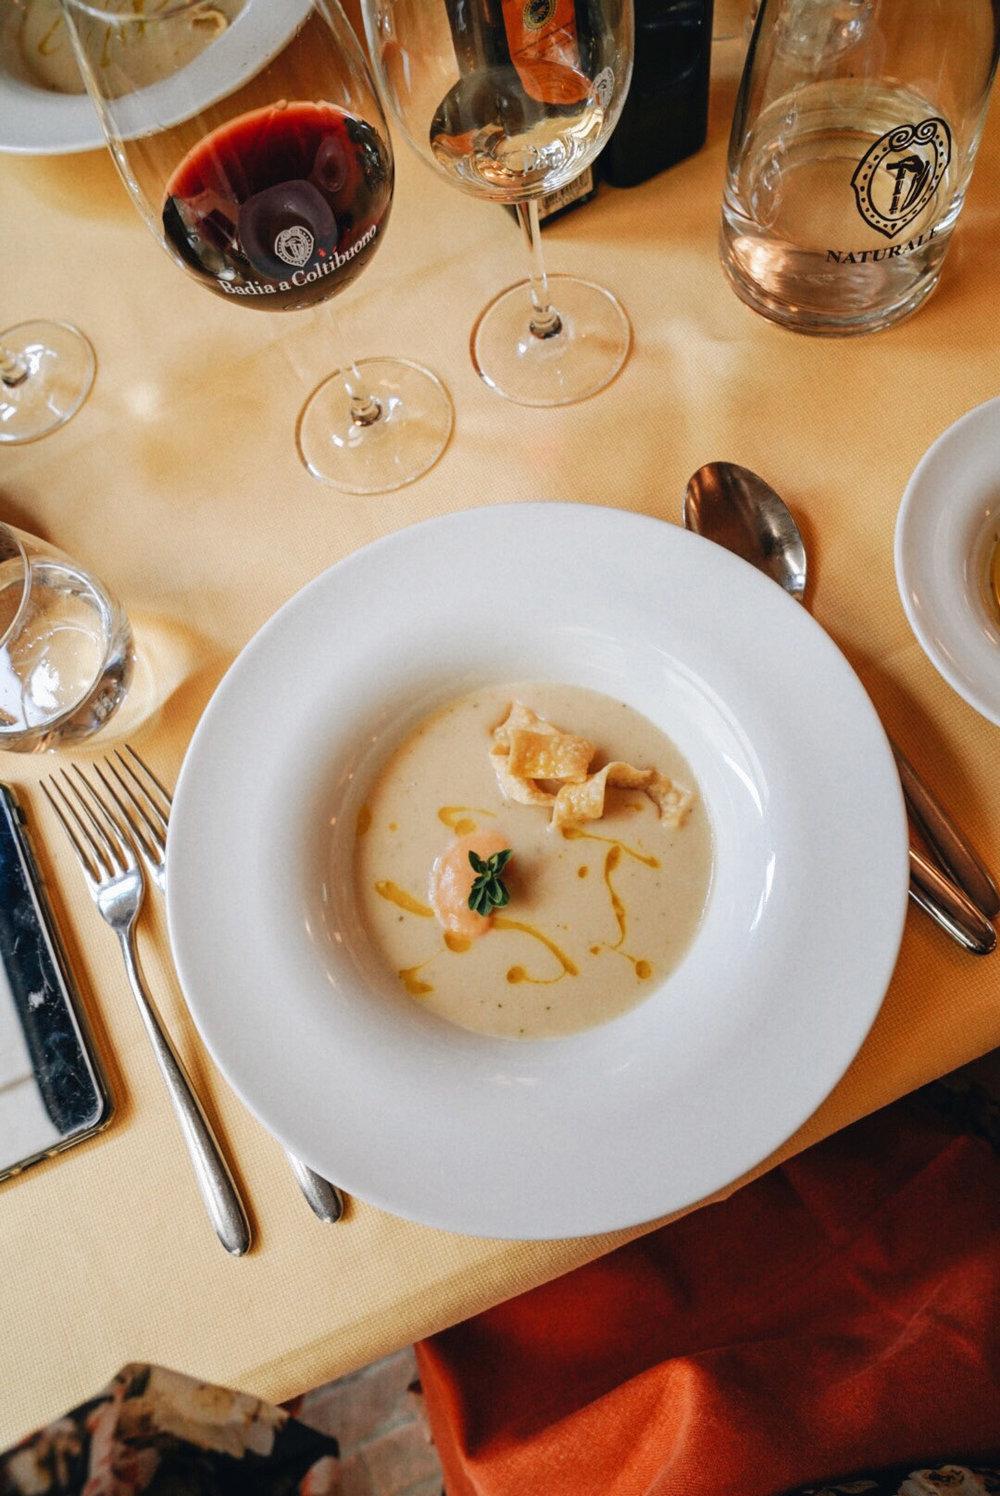 Vellutata di fagioli con maitagliati fritti croccanti e salsa delicara all'aglio,  White bean veloute soup with homemade crispy pasta and a delicate garlic sauce.